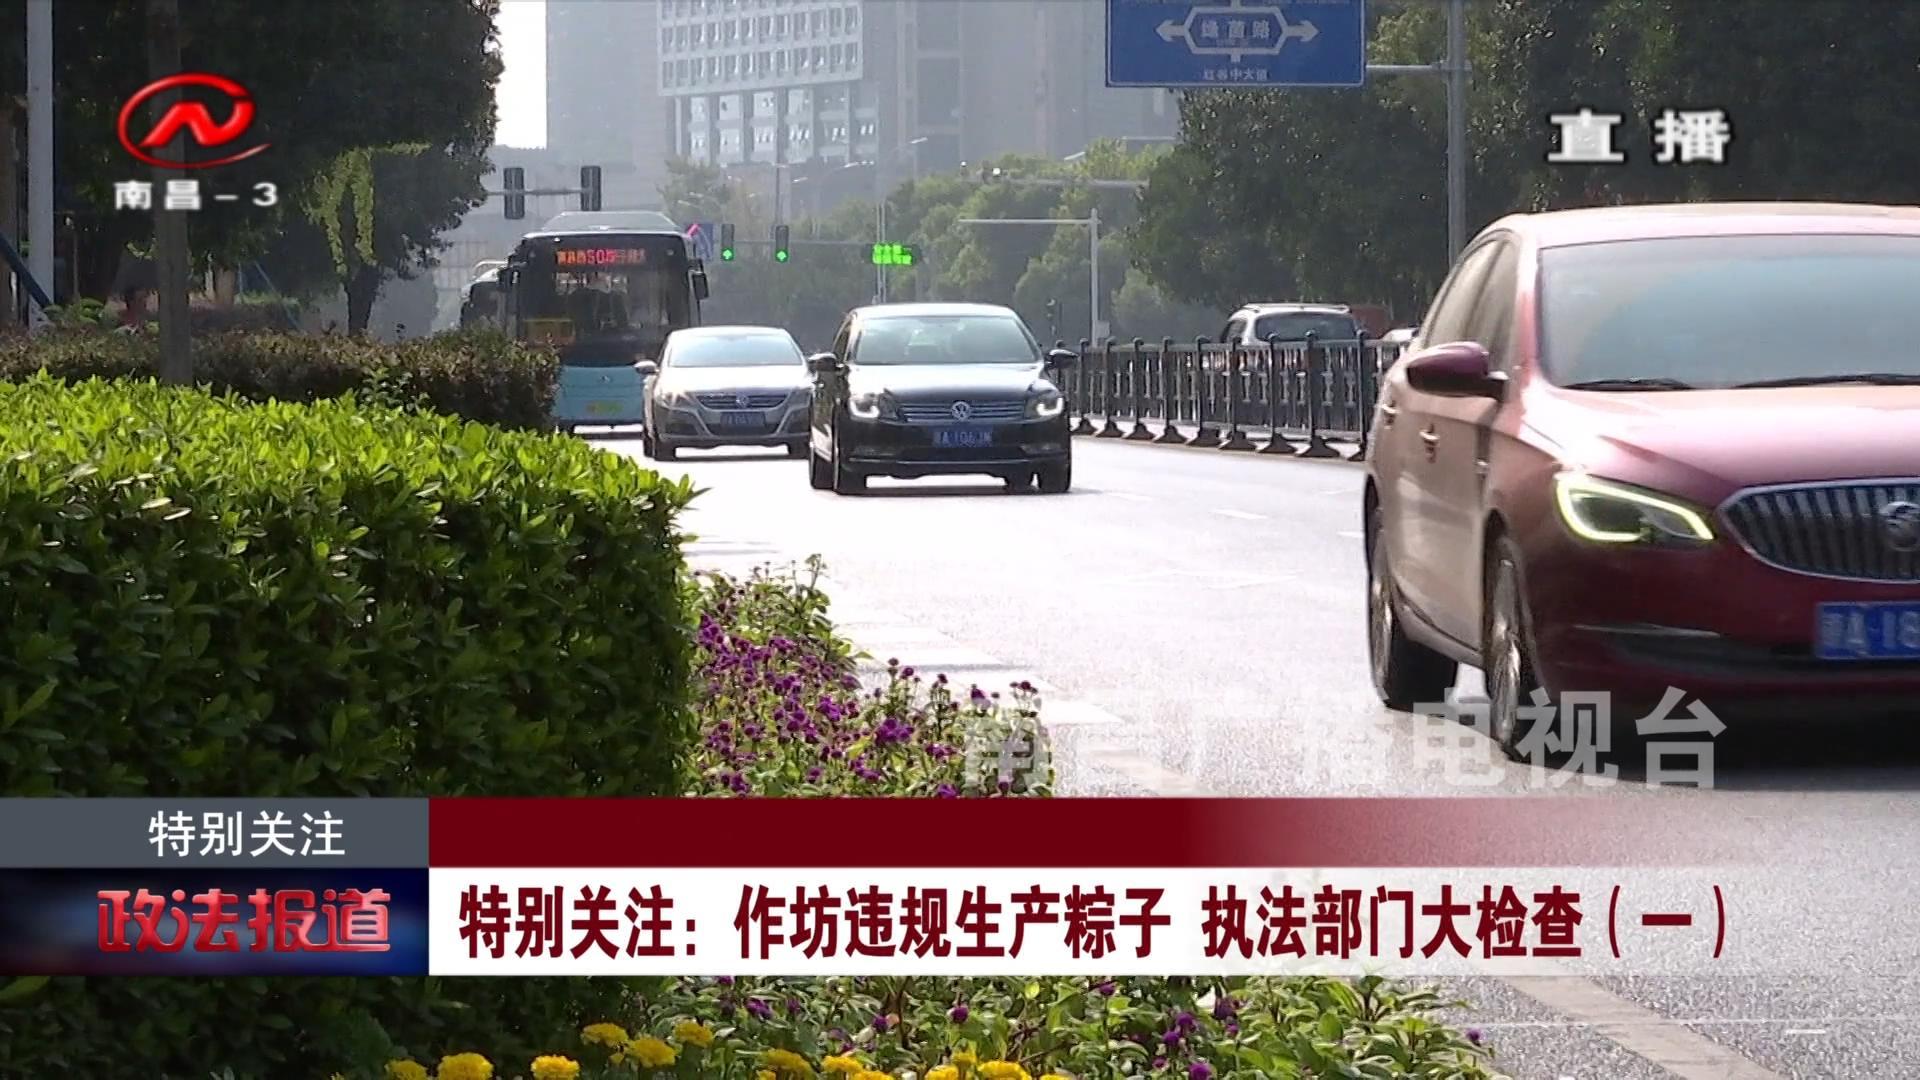 特别关注:作坊违规生产粽子  执法部门大检查